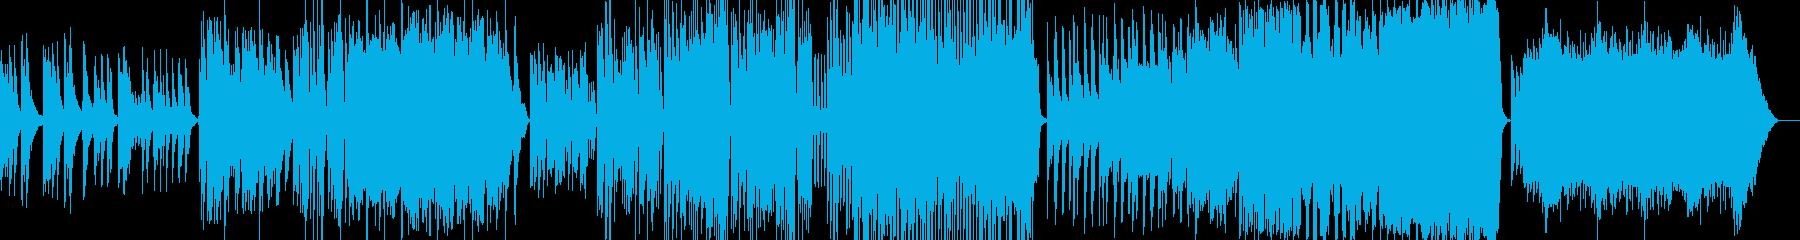 ピアノと弦楽器の為の古風な小品集の再生済みの波形